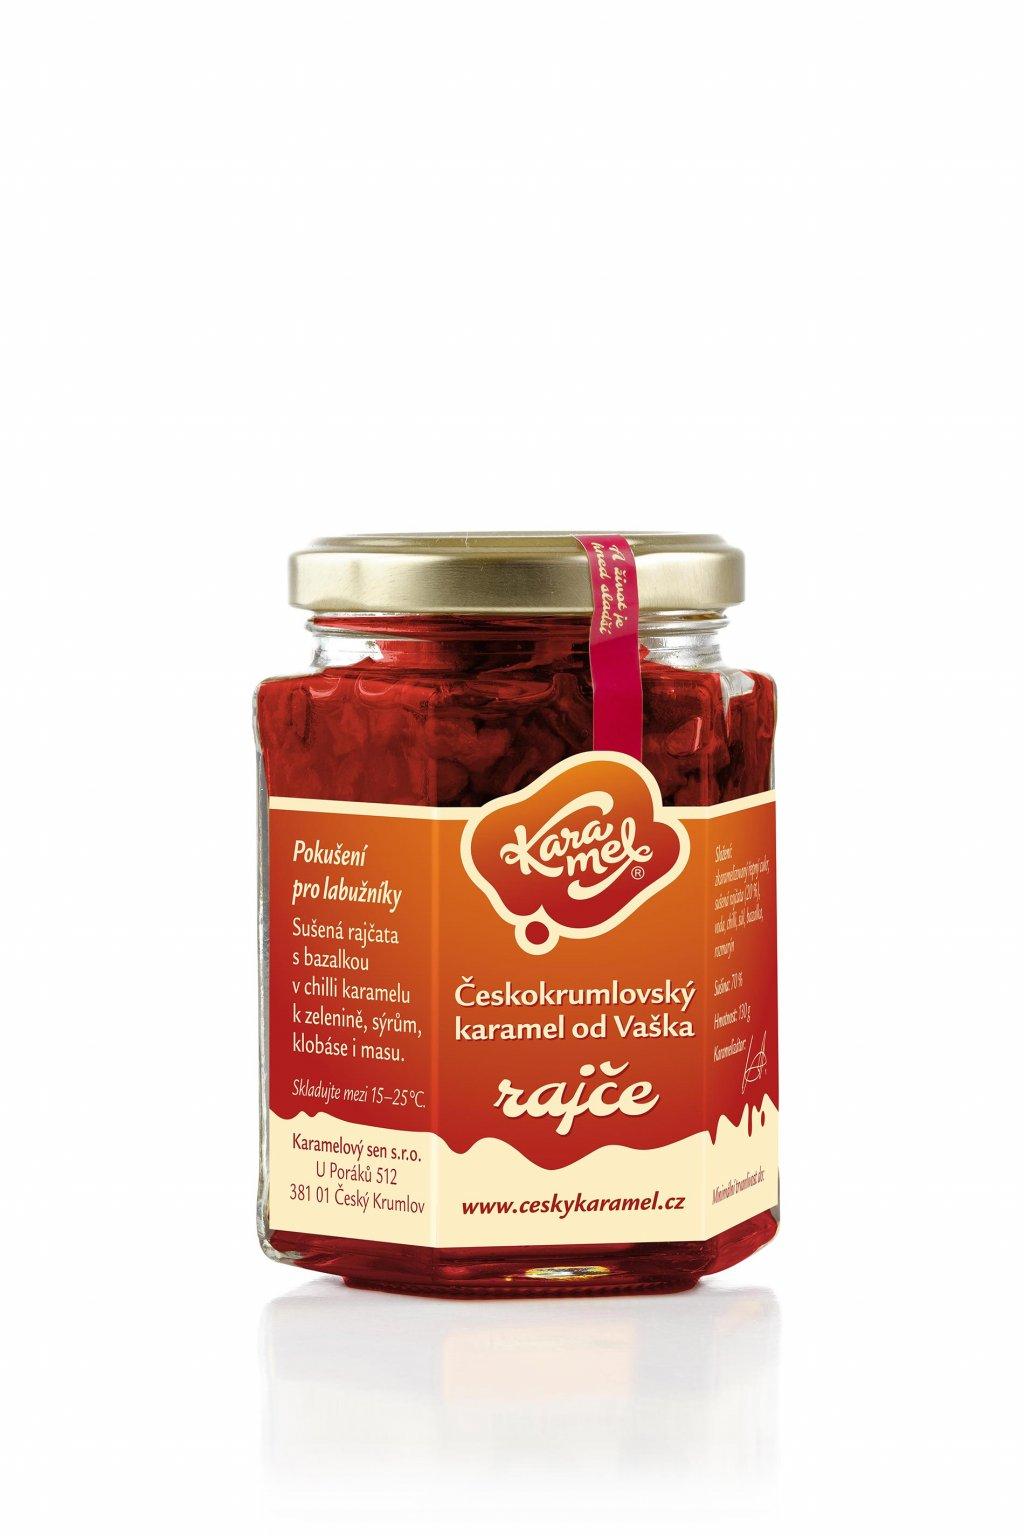 tekutý českokrumlovský karamel od vaškal rajce